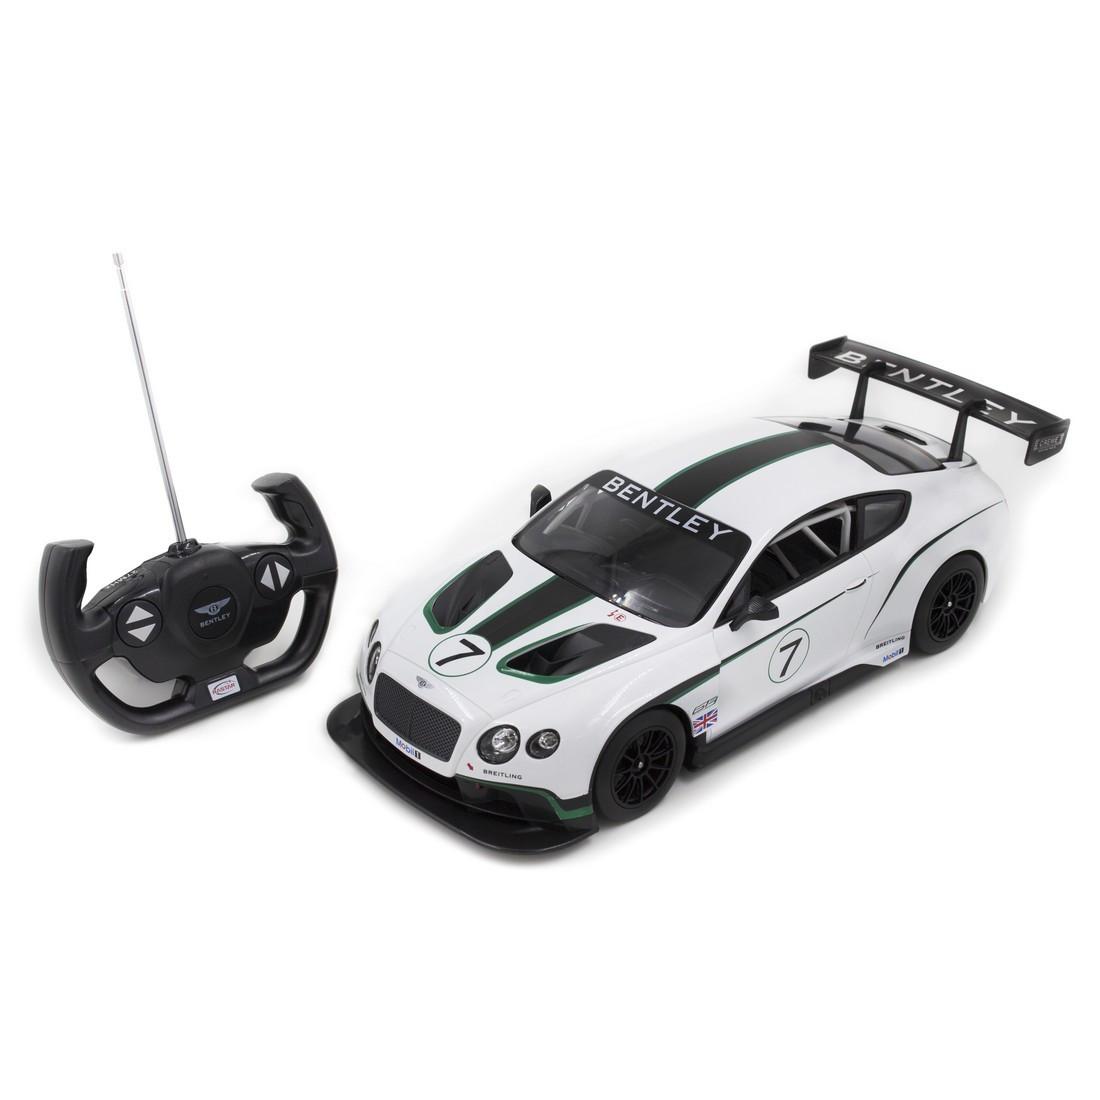 Радиоуправляемая модель автомобиль Rastar Bentley Continental GT3, 1:14, Управление: Джойстик, Материал: Пласт